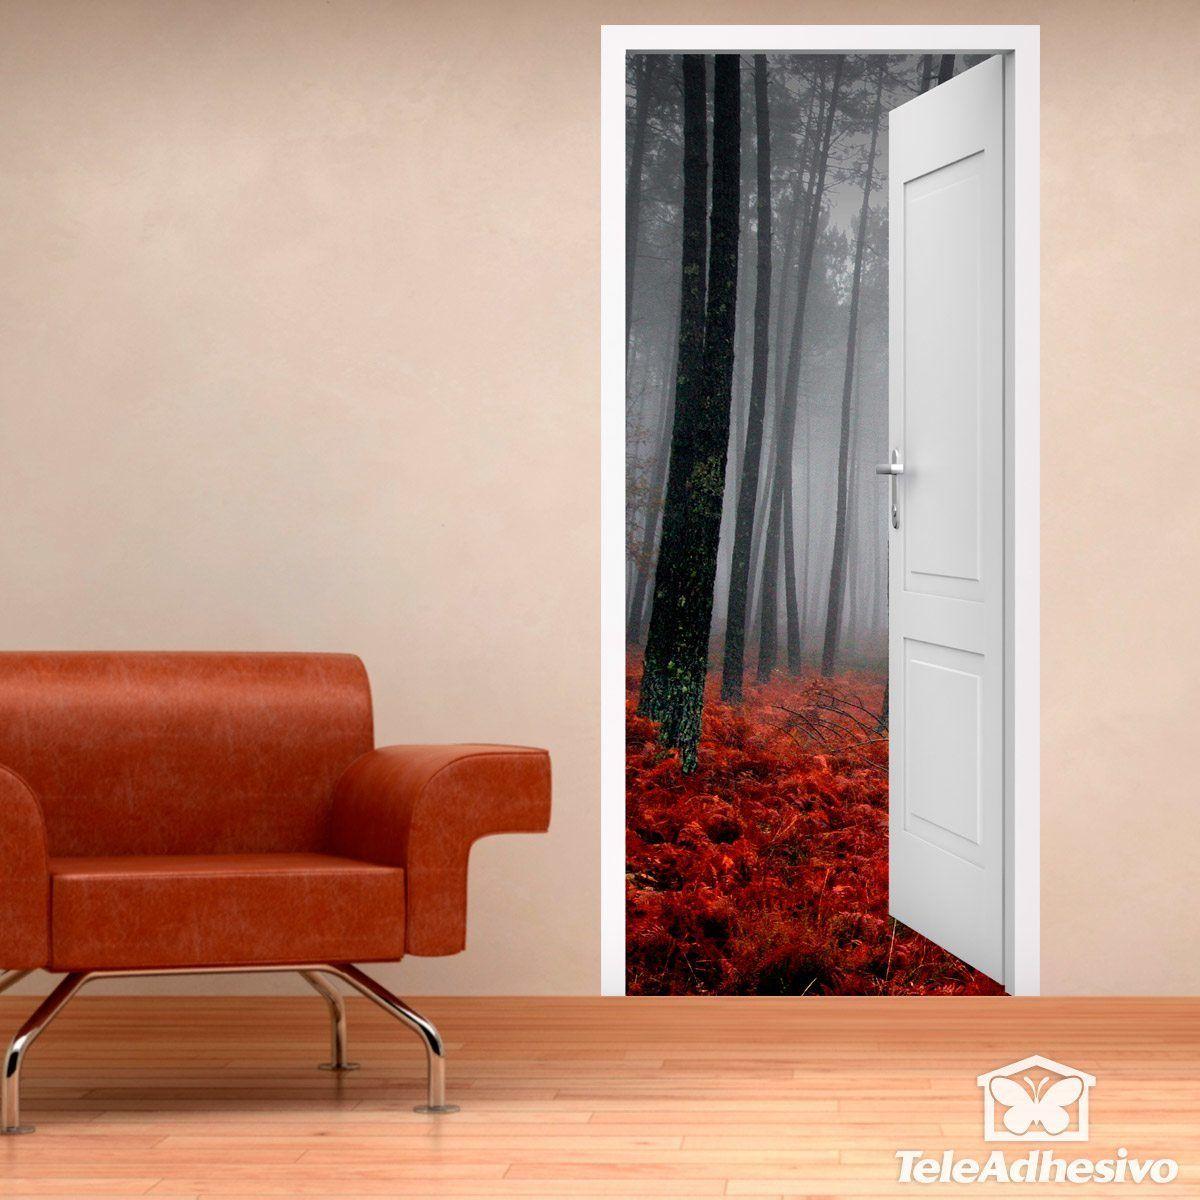 Vinilo decorativo puerta abierta de un bosque en oto o for Precios vinilos decorativos